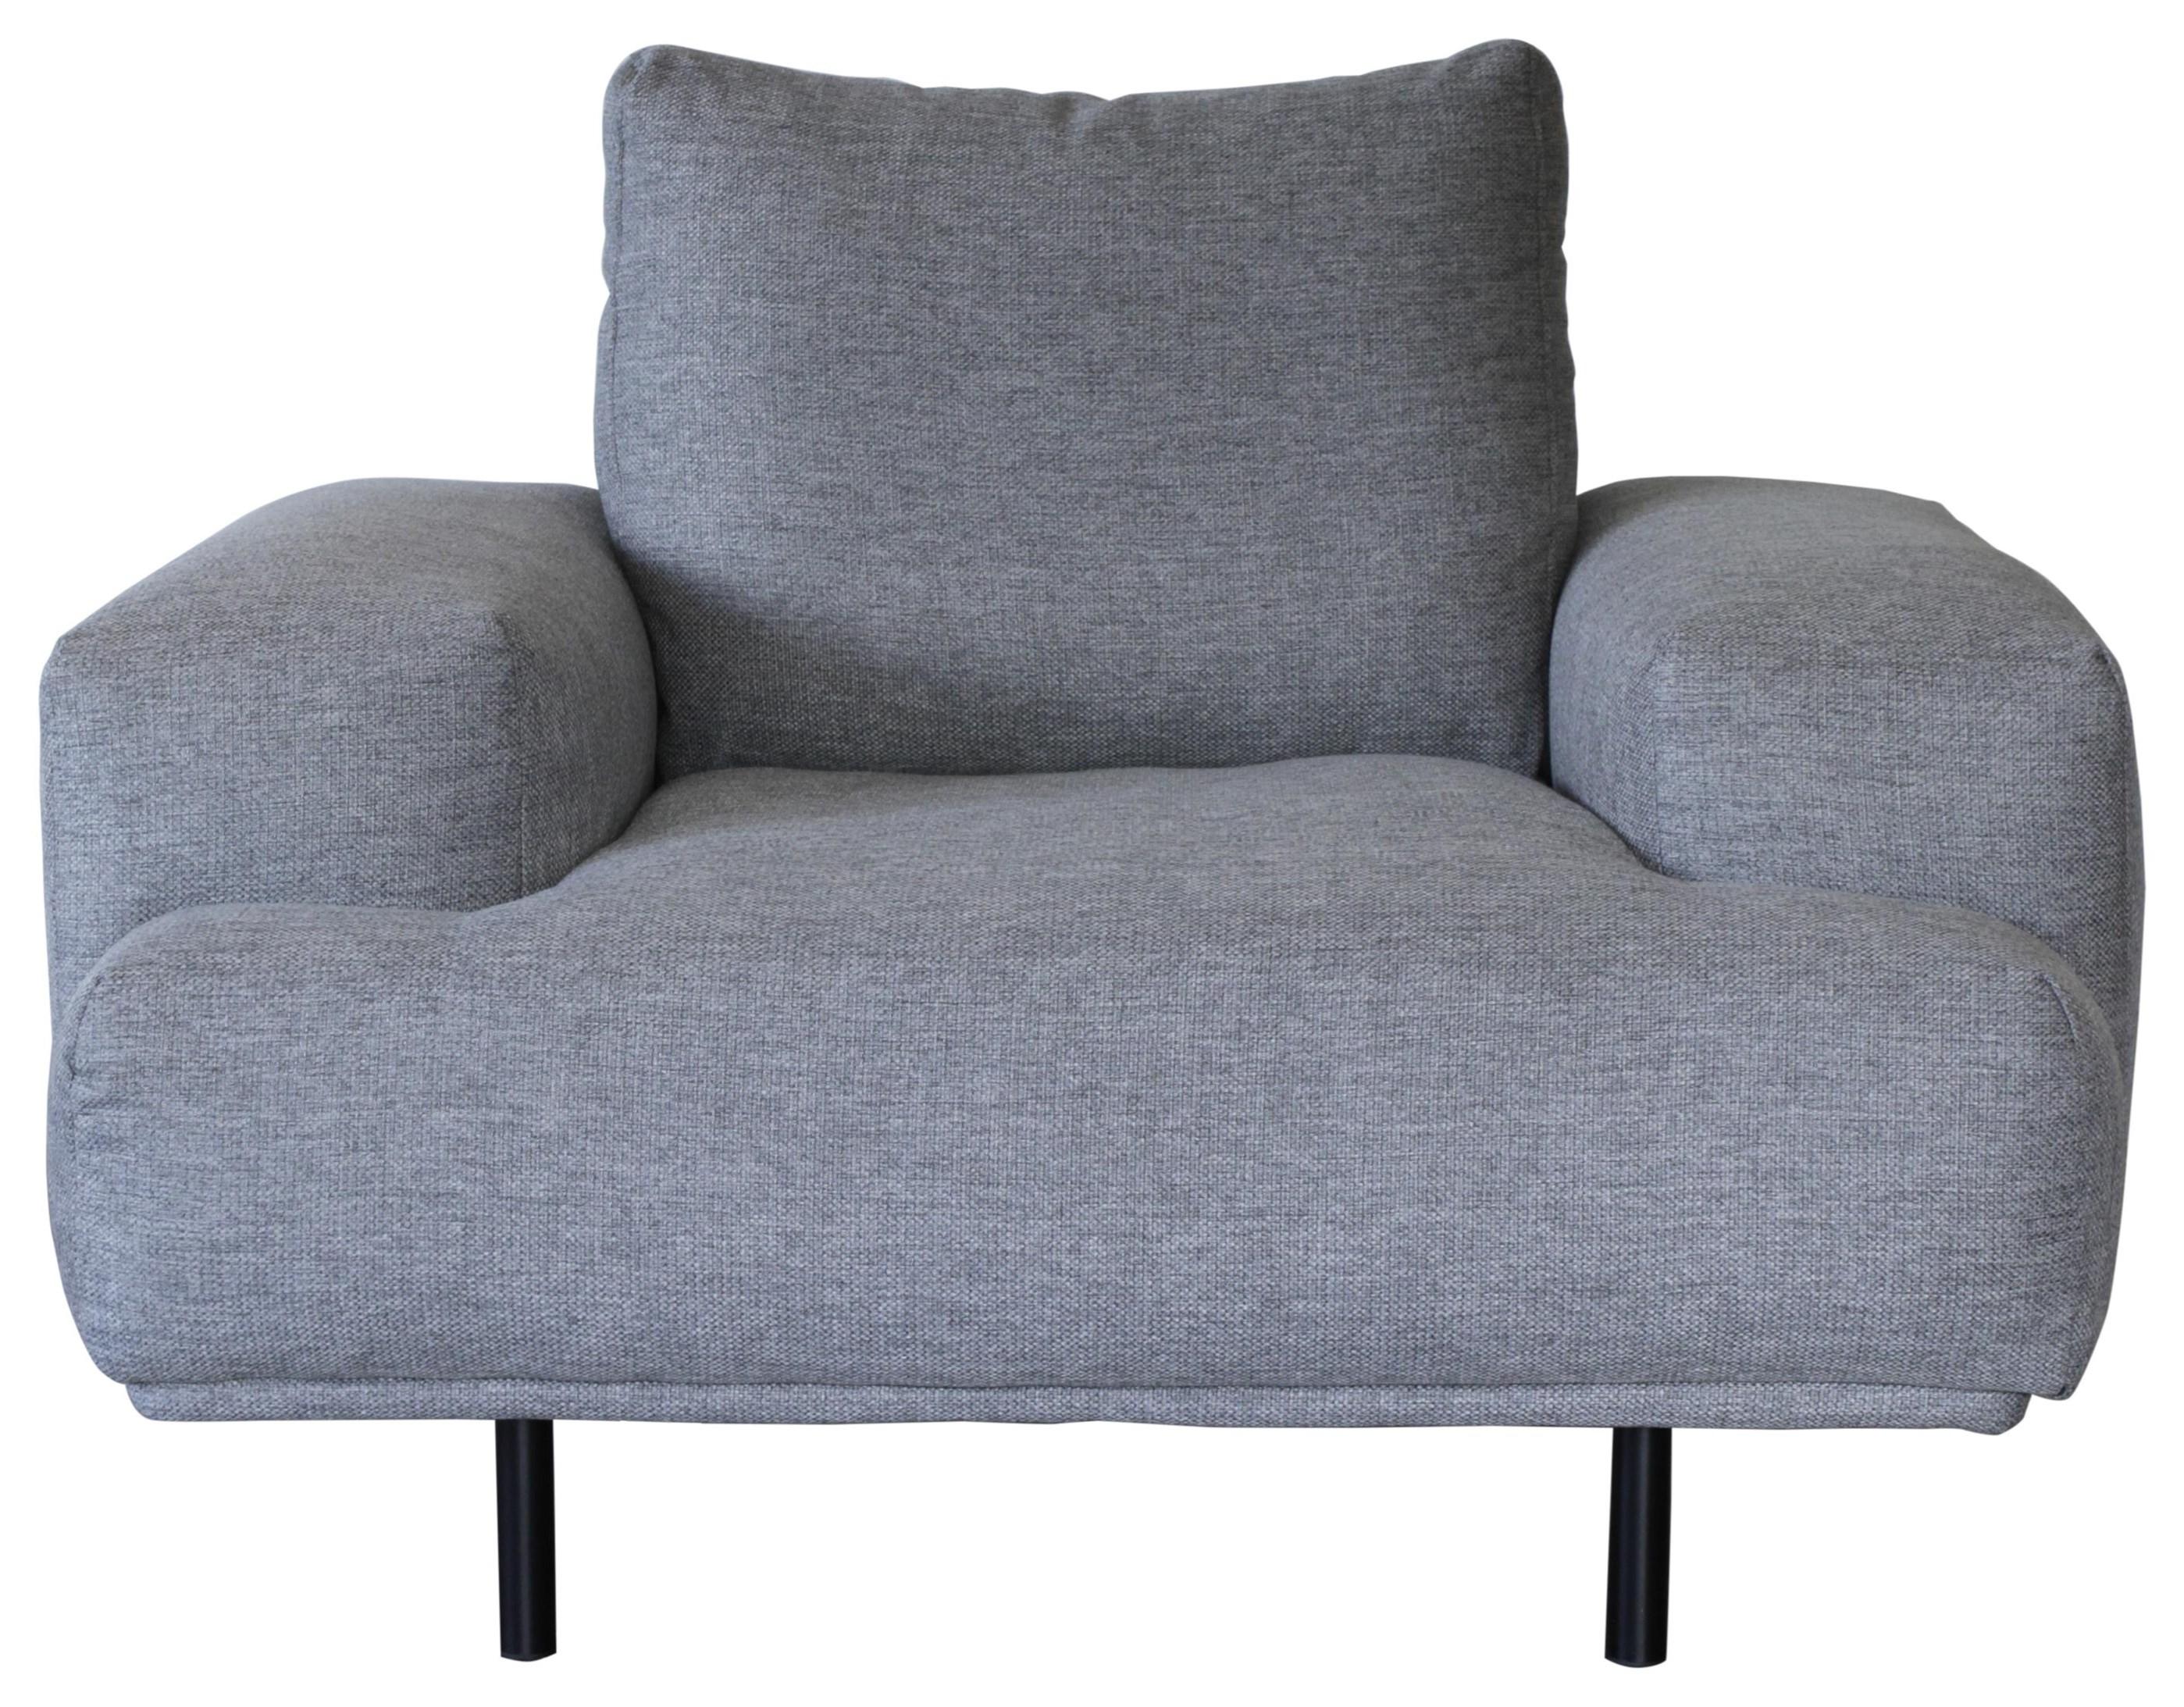 Arlington Chair by Actona Company at HomeWorld Furniture